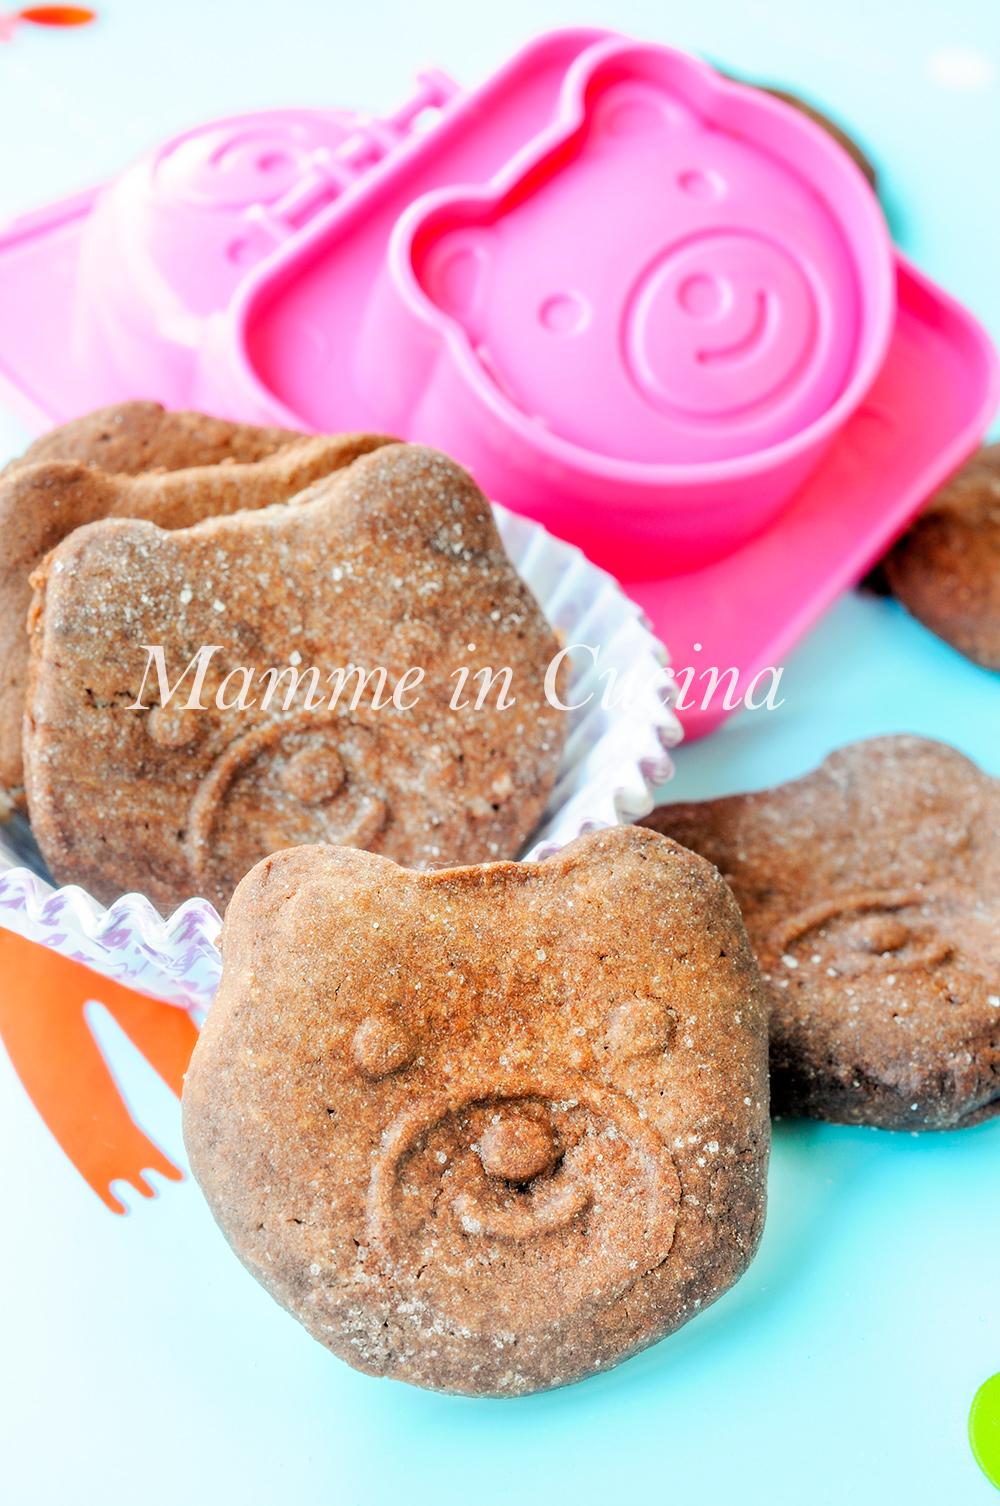 Biscotti al cacao senza burro ricetta facile e veloce mamme in cucina